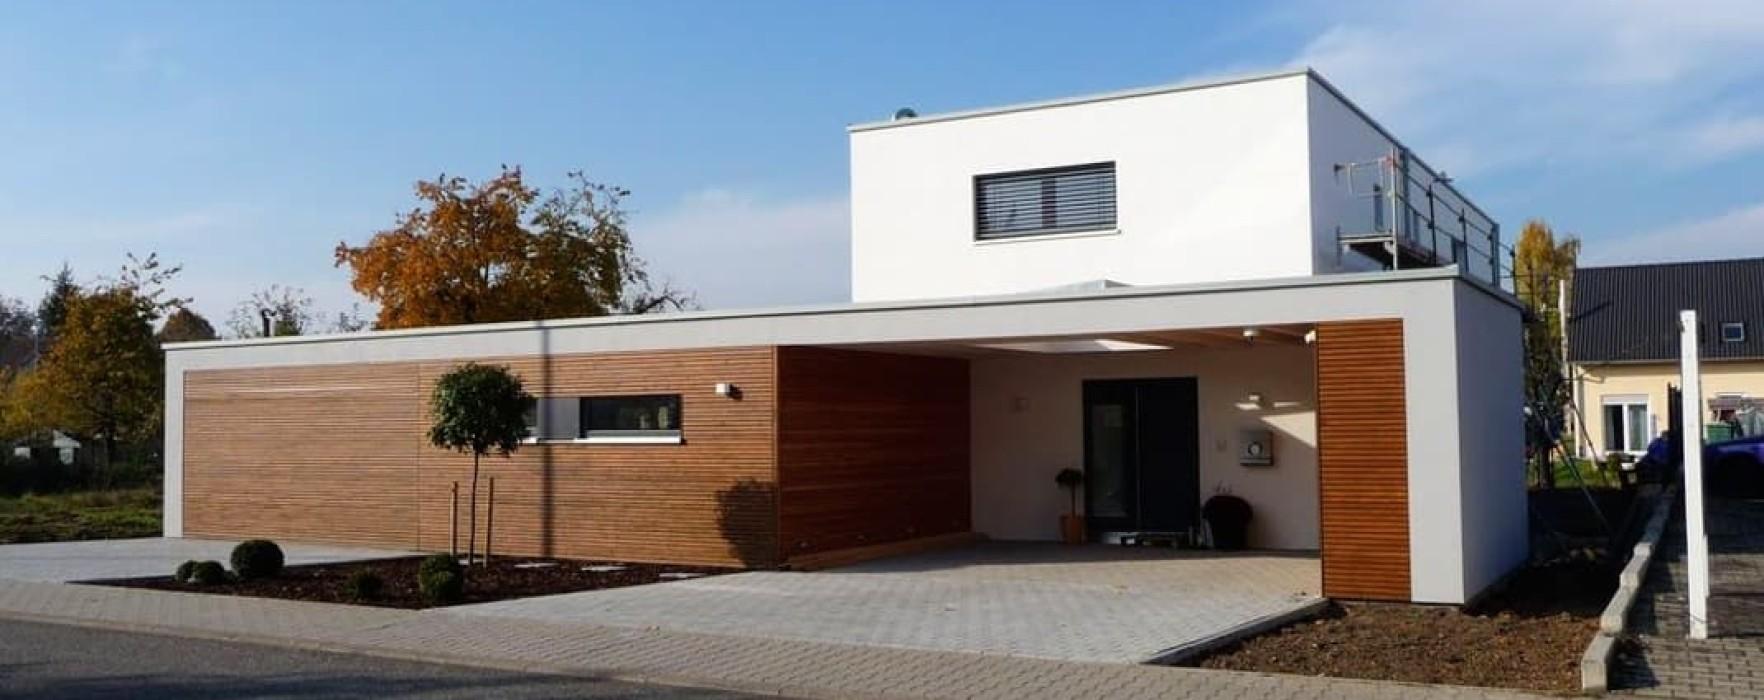 Calcolare i costi di una casa prefabbricata for Costi dell appaltatore per la costruzione di una casa